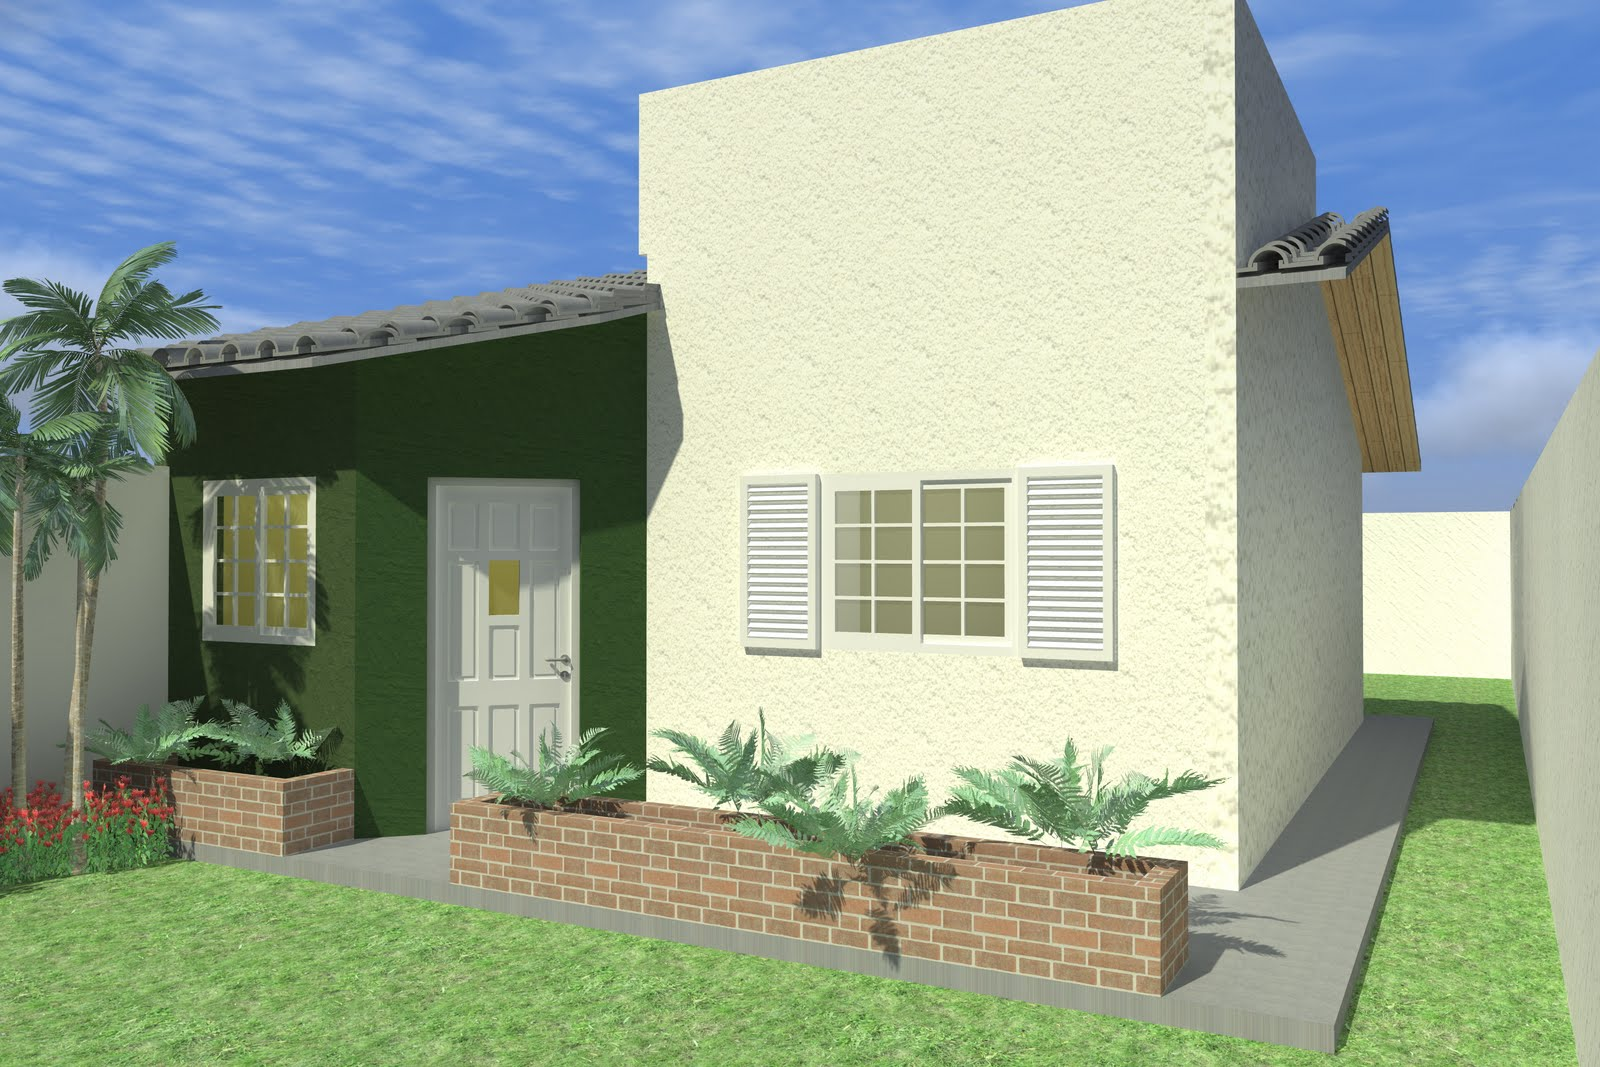 Fachadas para casas pequenas e modernas 40 fotos toda Estilos de fachadas para casas pequenas